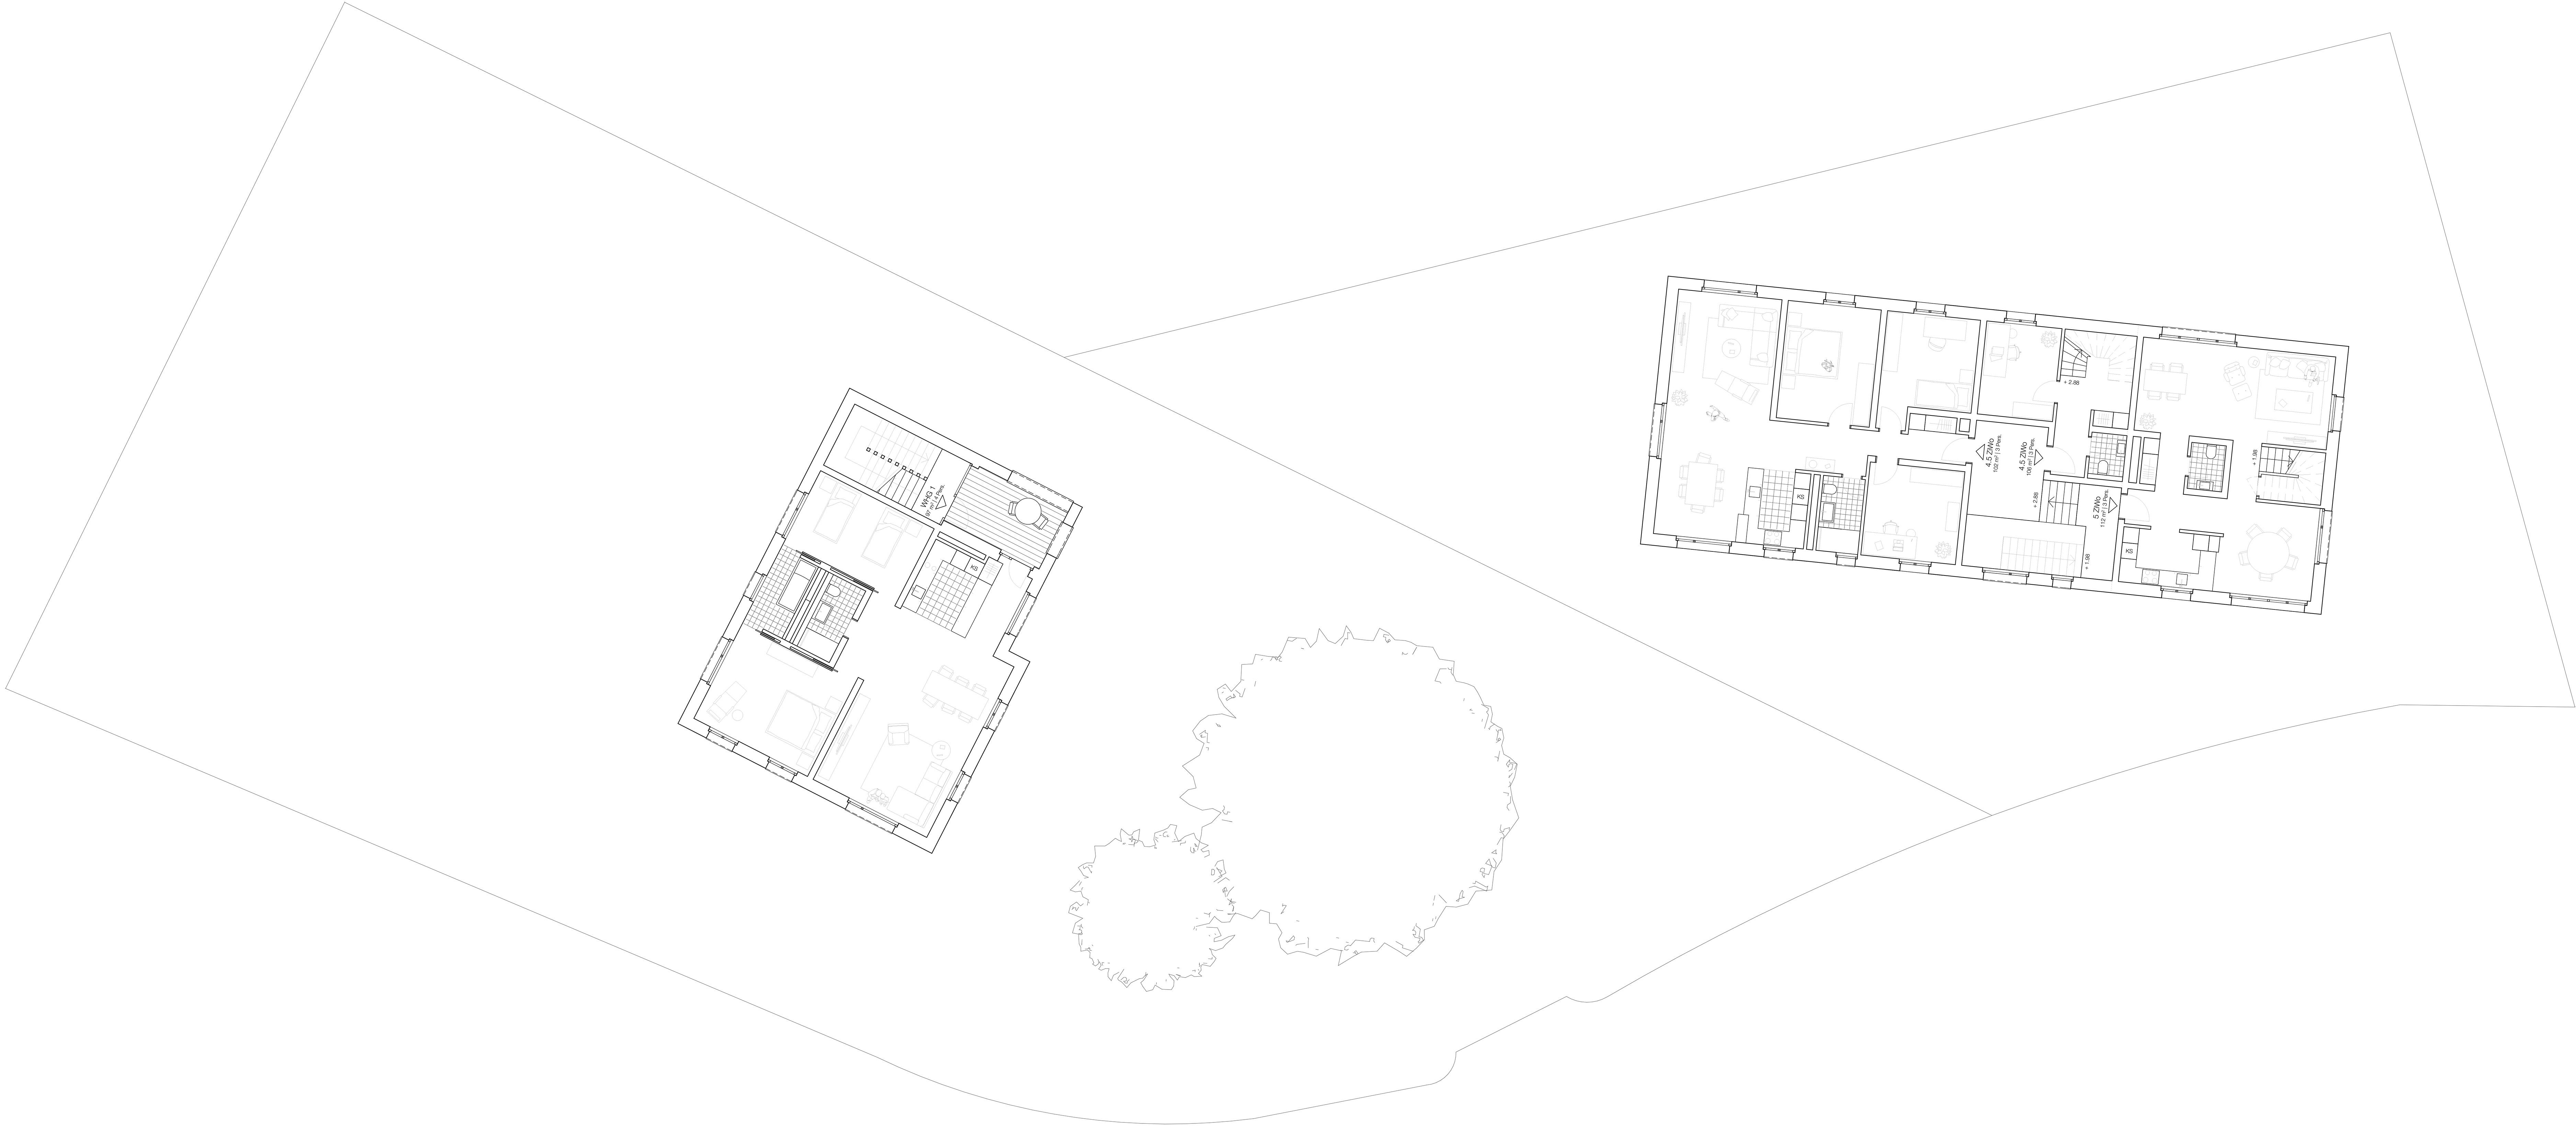 Machbarkeitsstudie Weiler Kirchbühl Sempach Bild 5